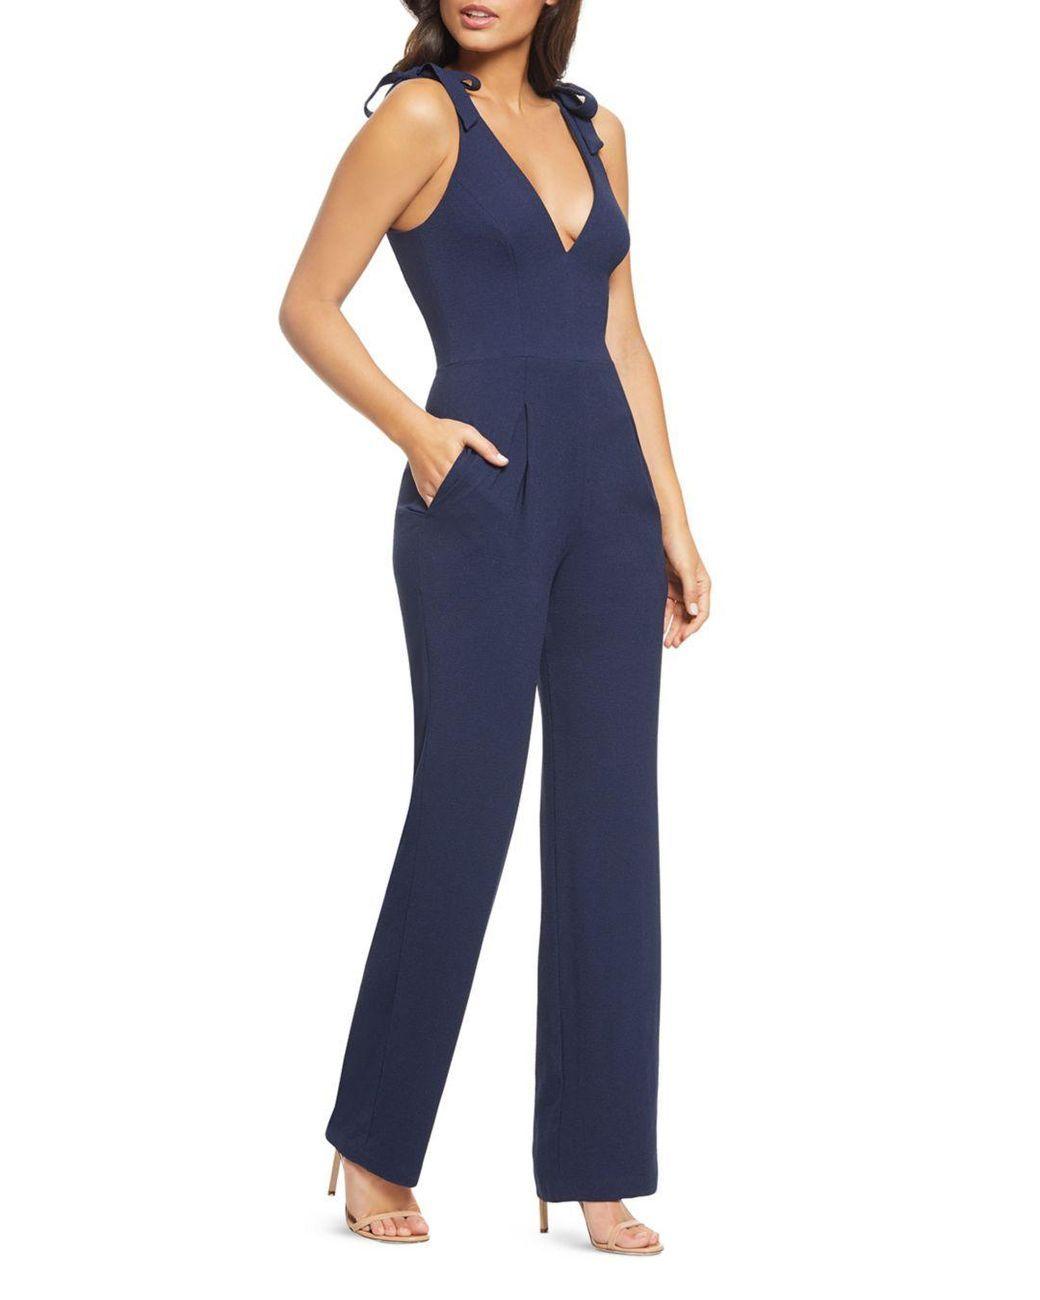 06868e34 Women's Blue Maira Tie-detail Jumpsuit in 2019 | Wardrobe | Dress ...